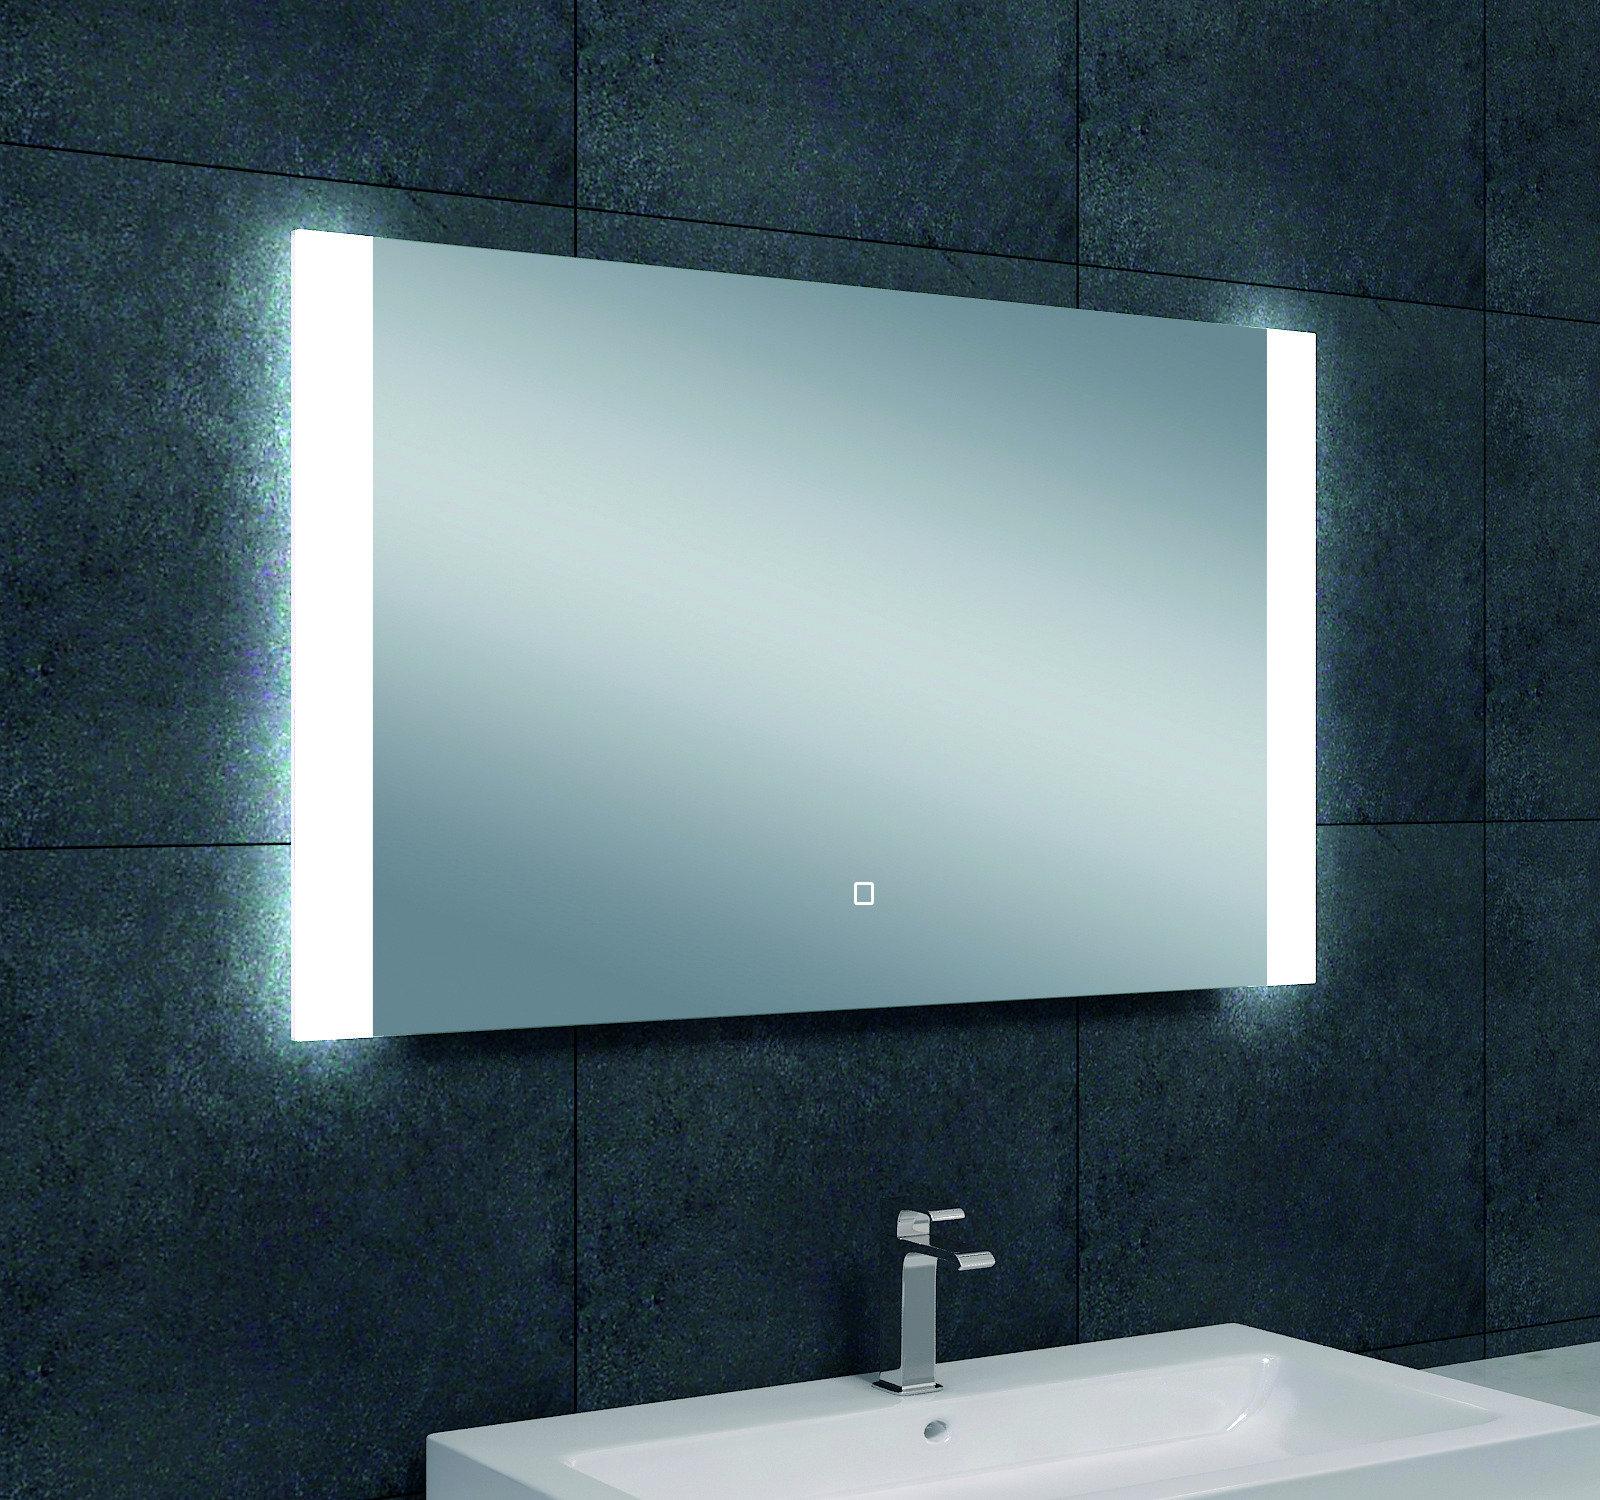 Arcon Badkamerspiegel met LED verlichting Dimbaar B.100 x H.60 cm